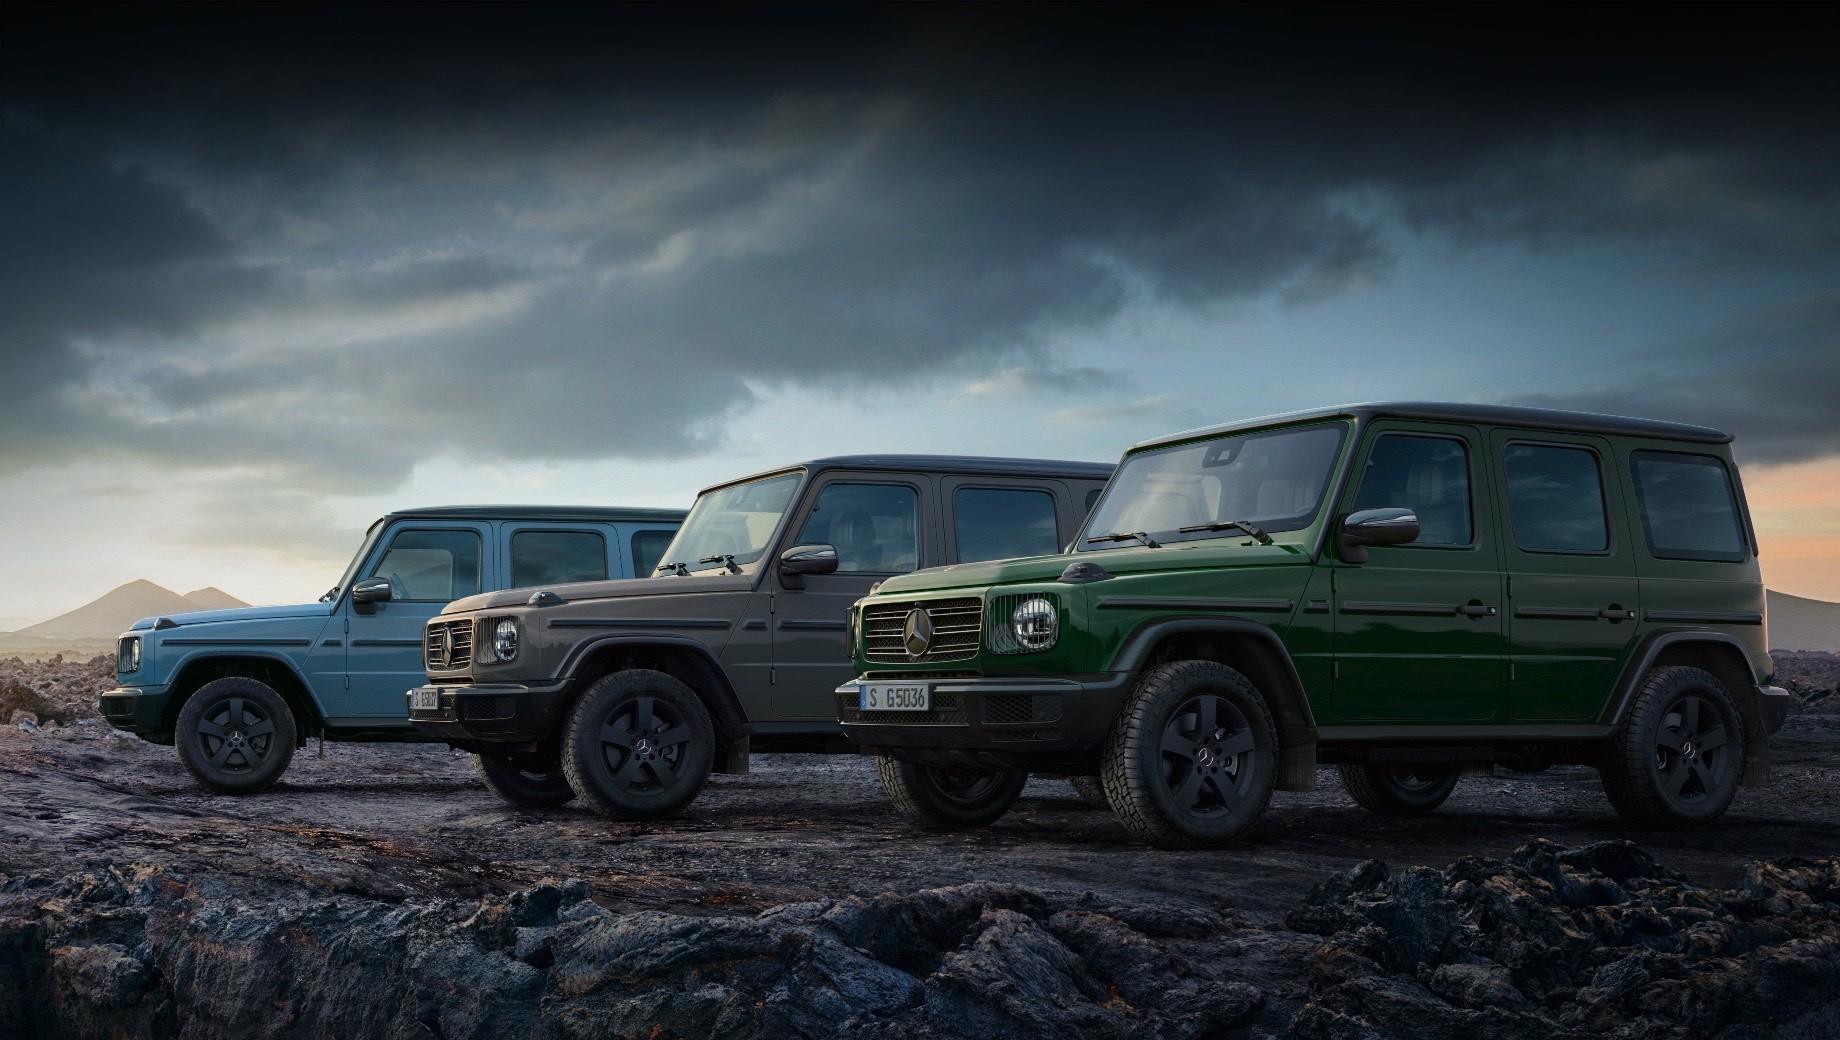 Mercedes g. В программу персонализации G manufaktur включены три новых цвета кузова: тёмно-зелёный Deep Green, бежевый Classic Grey и голубой China Blue.